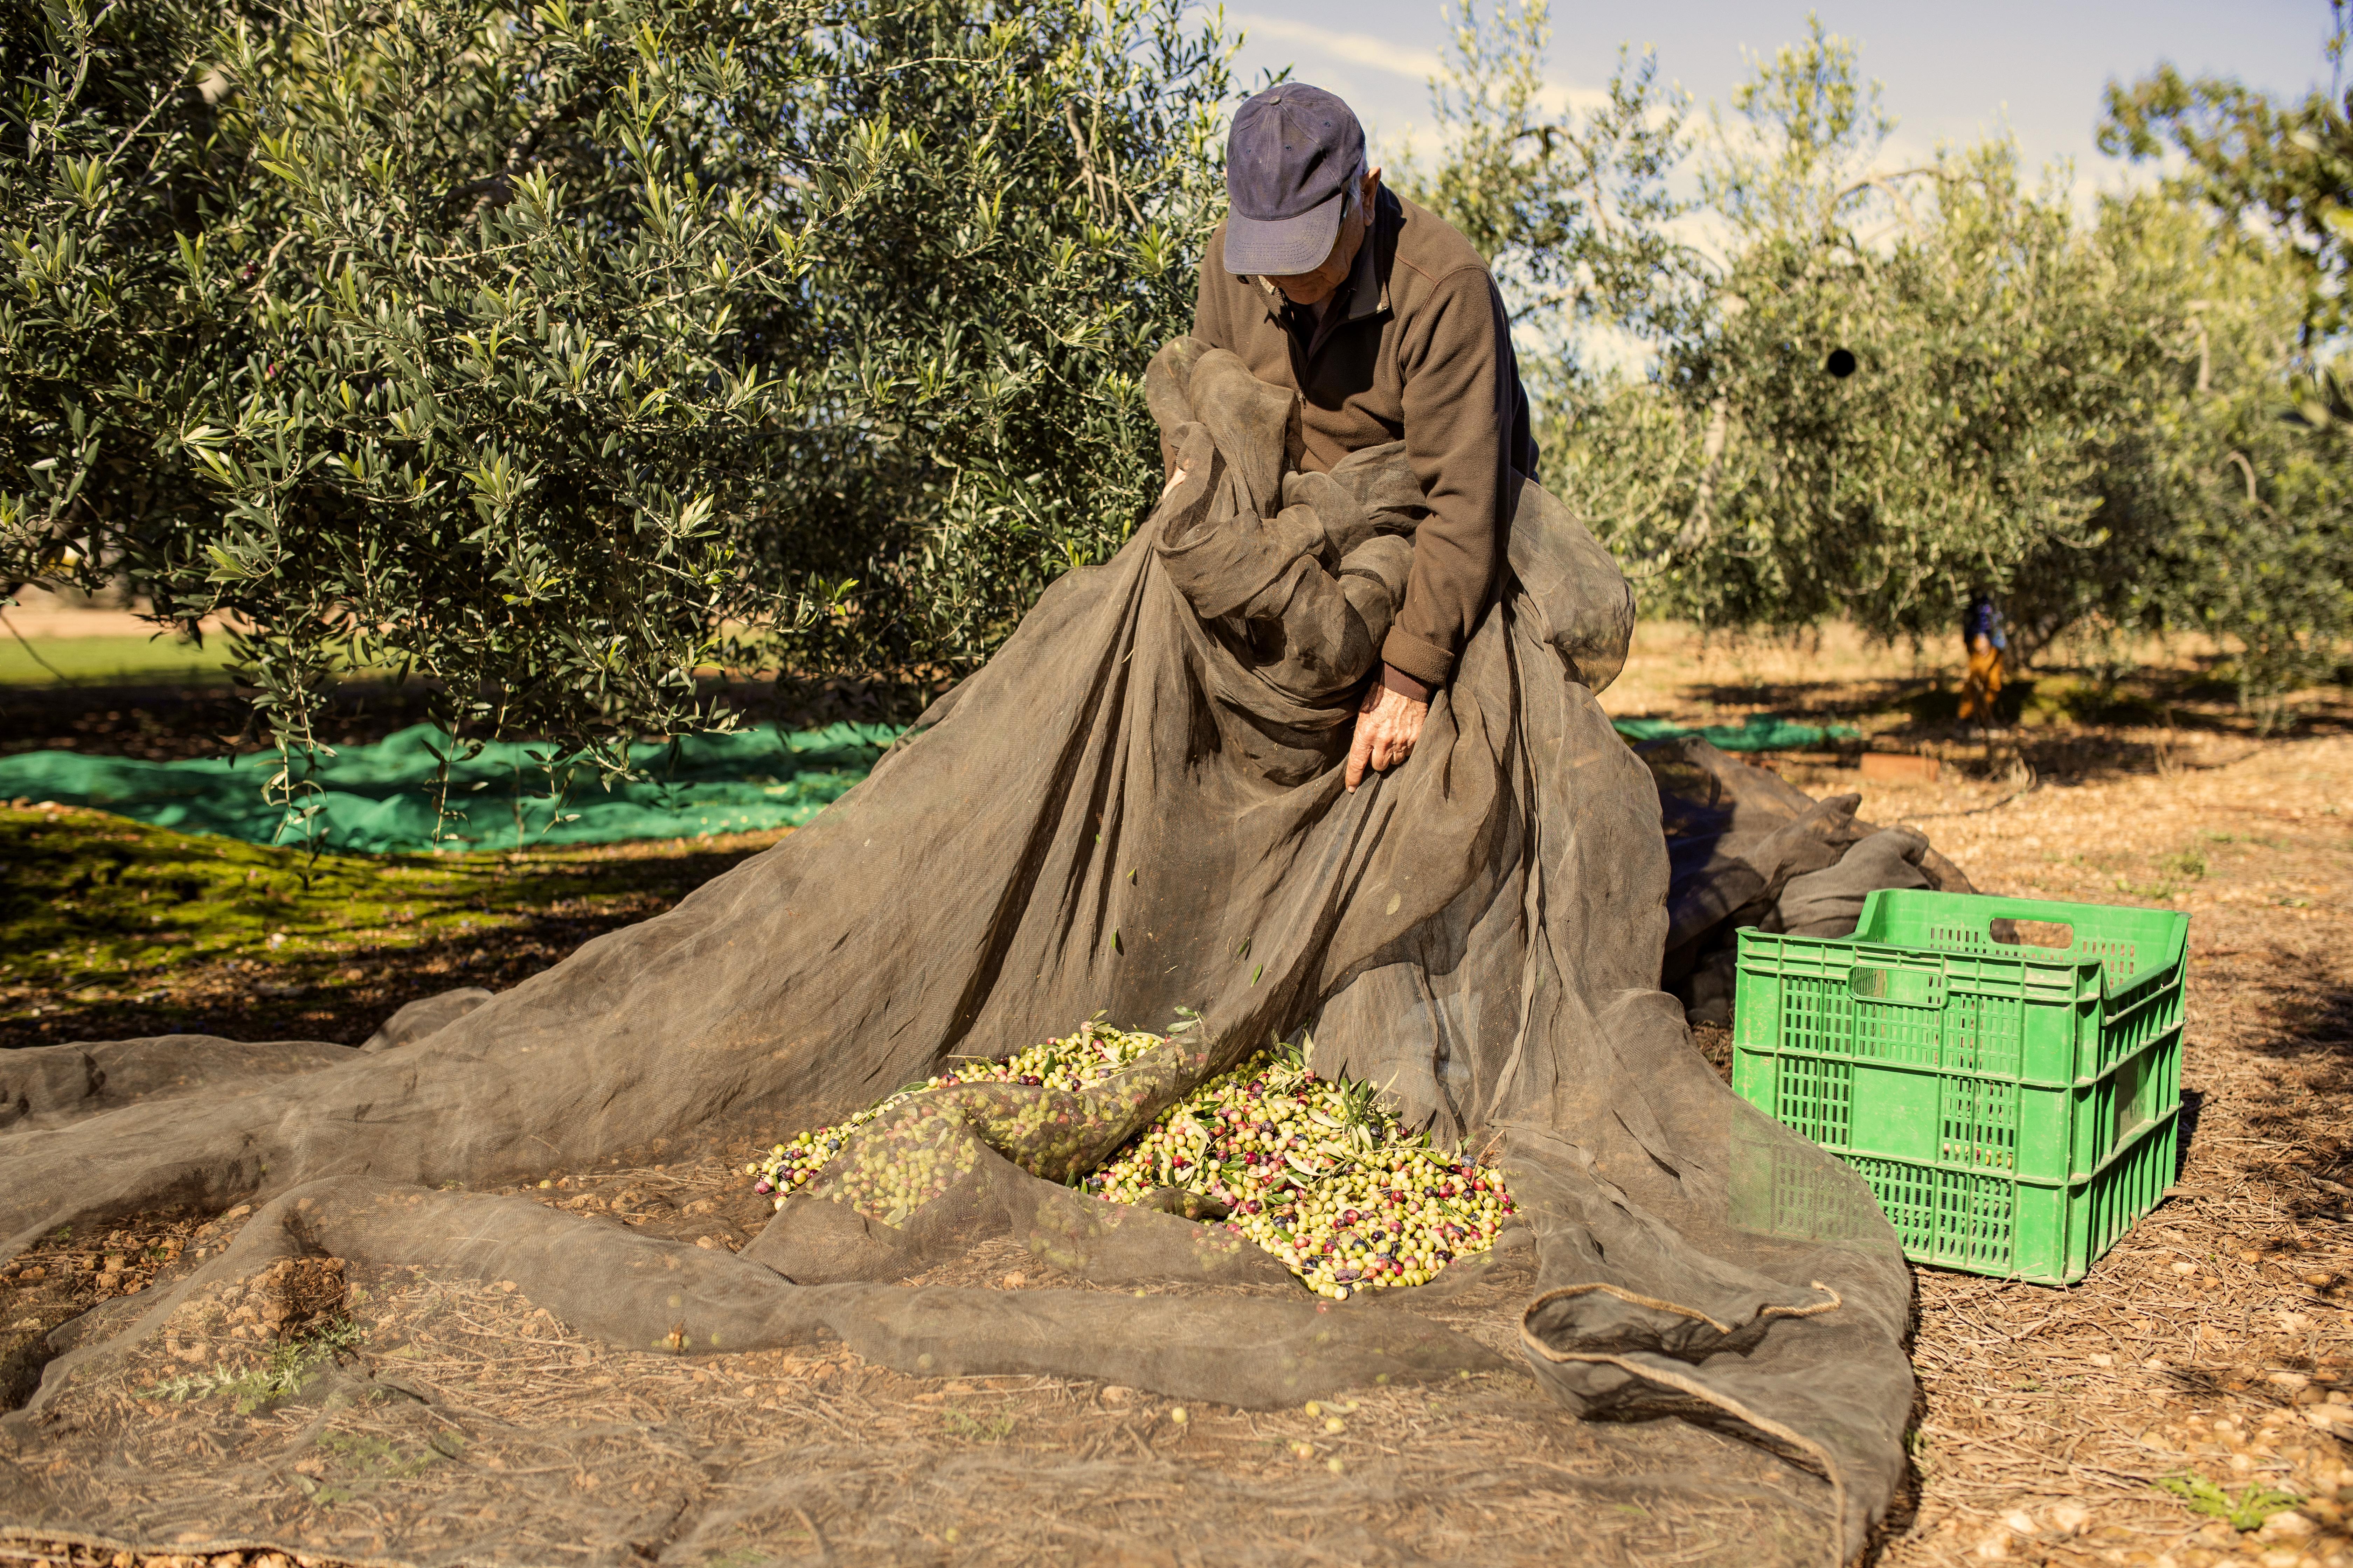 En marcha-Cómo fomentar la sostenibilidad de los productores locales